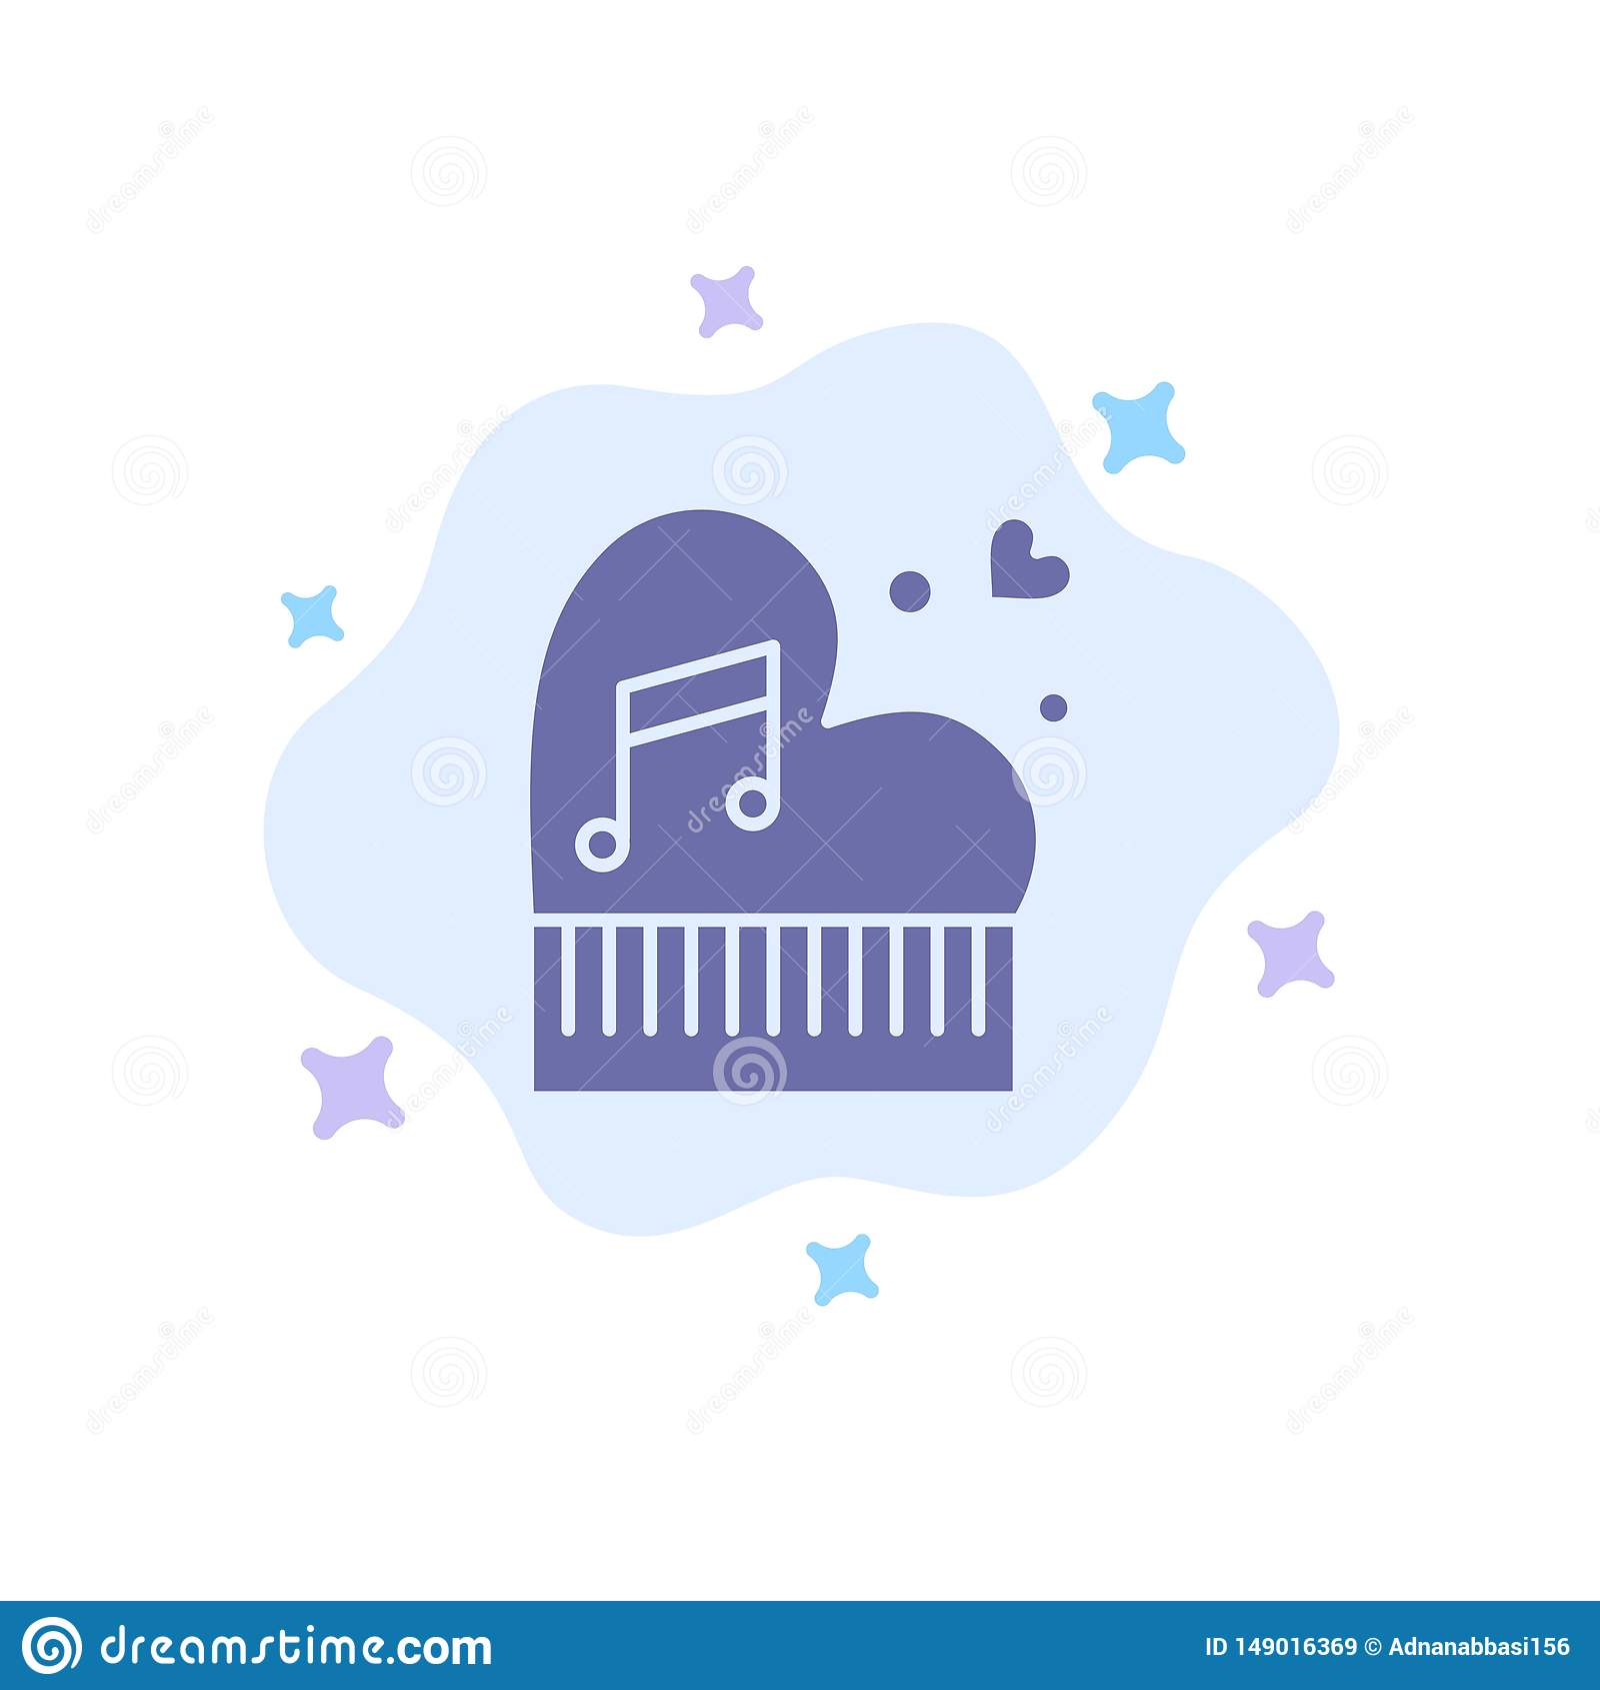 Clássico, amor, união, paixão, piano, Valentim, ícone azul do casamento no fundo abstrato da nuvem